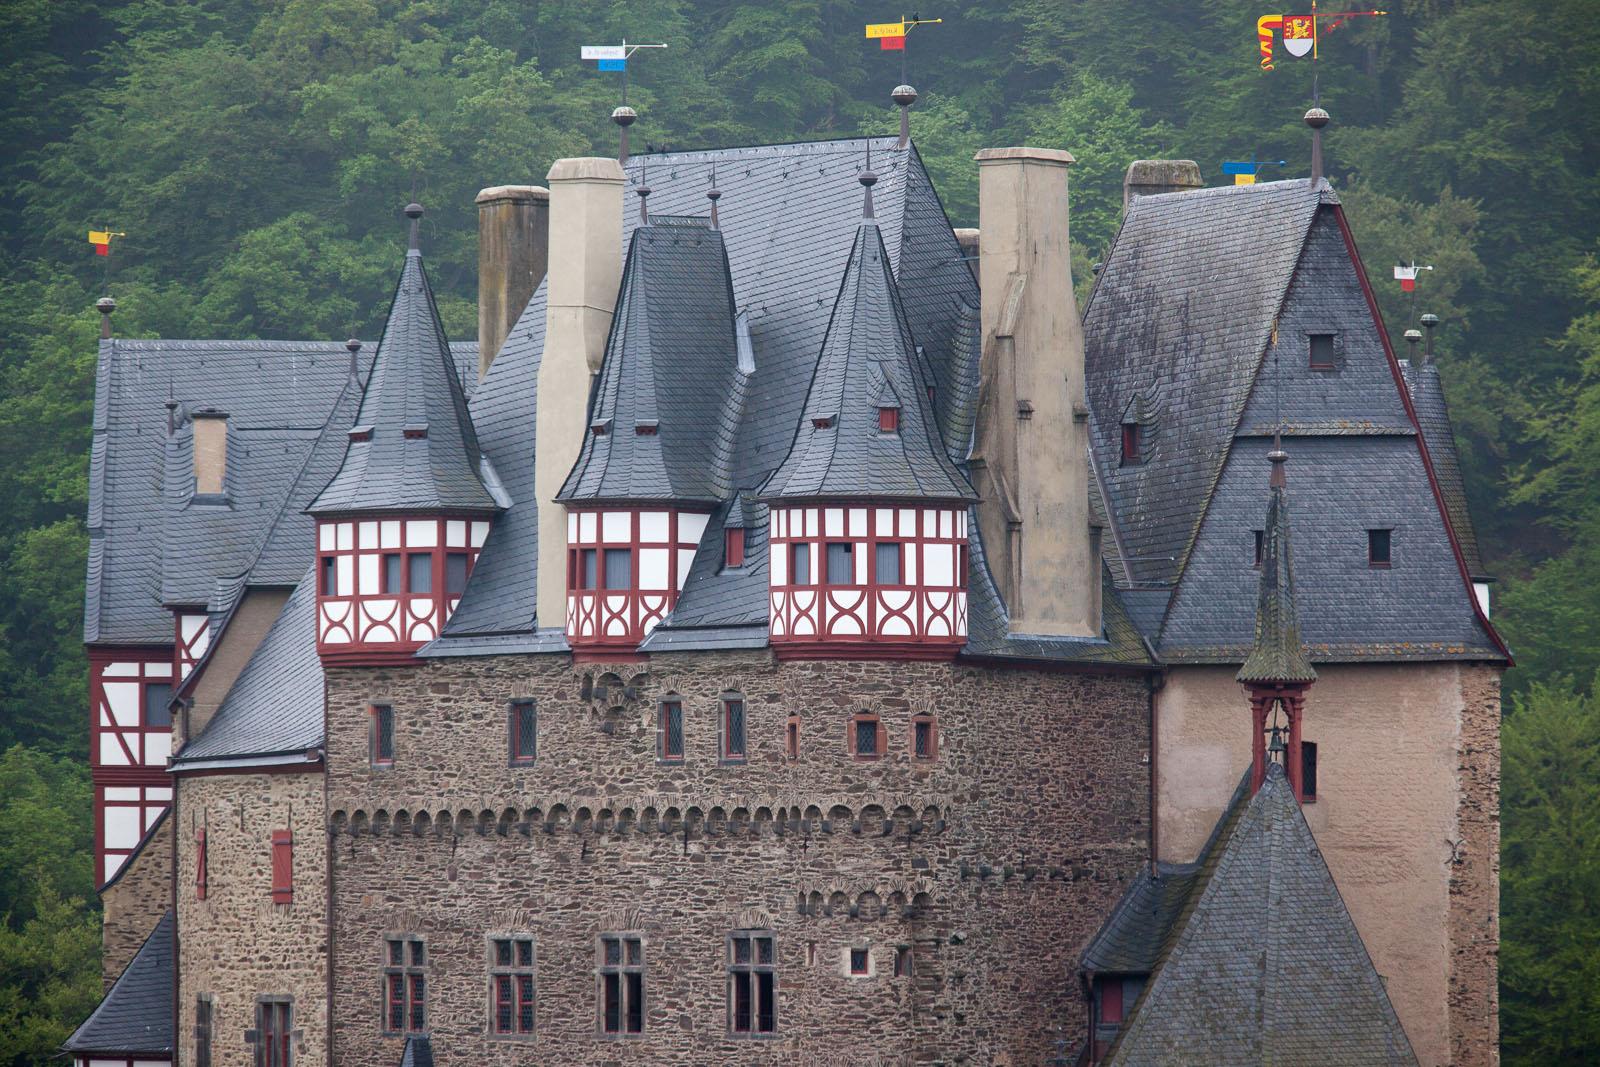 2014-05-02_10-23-00_Burg Eltz__MG_2632-1600